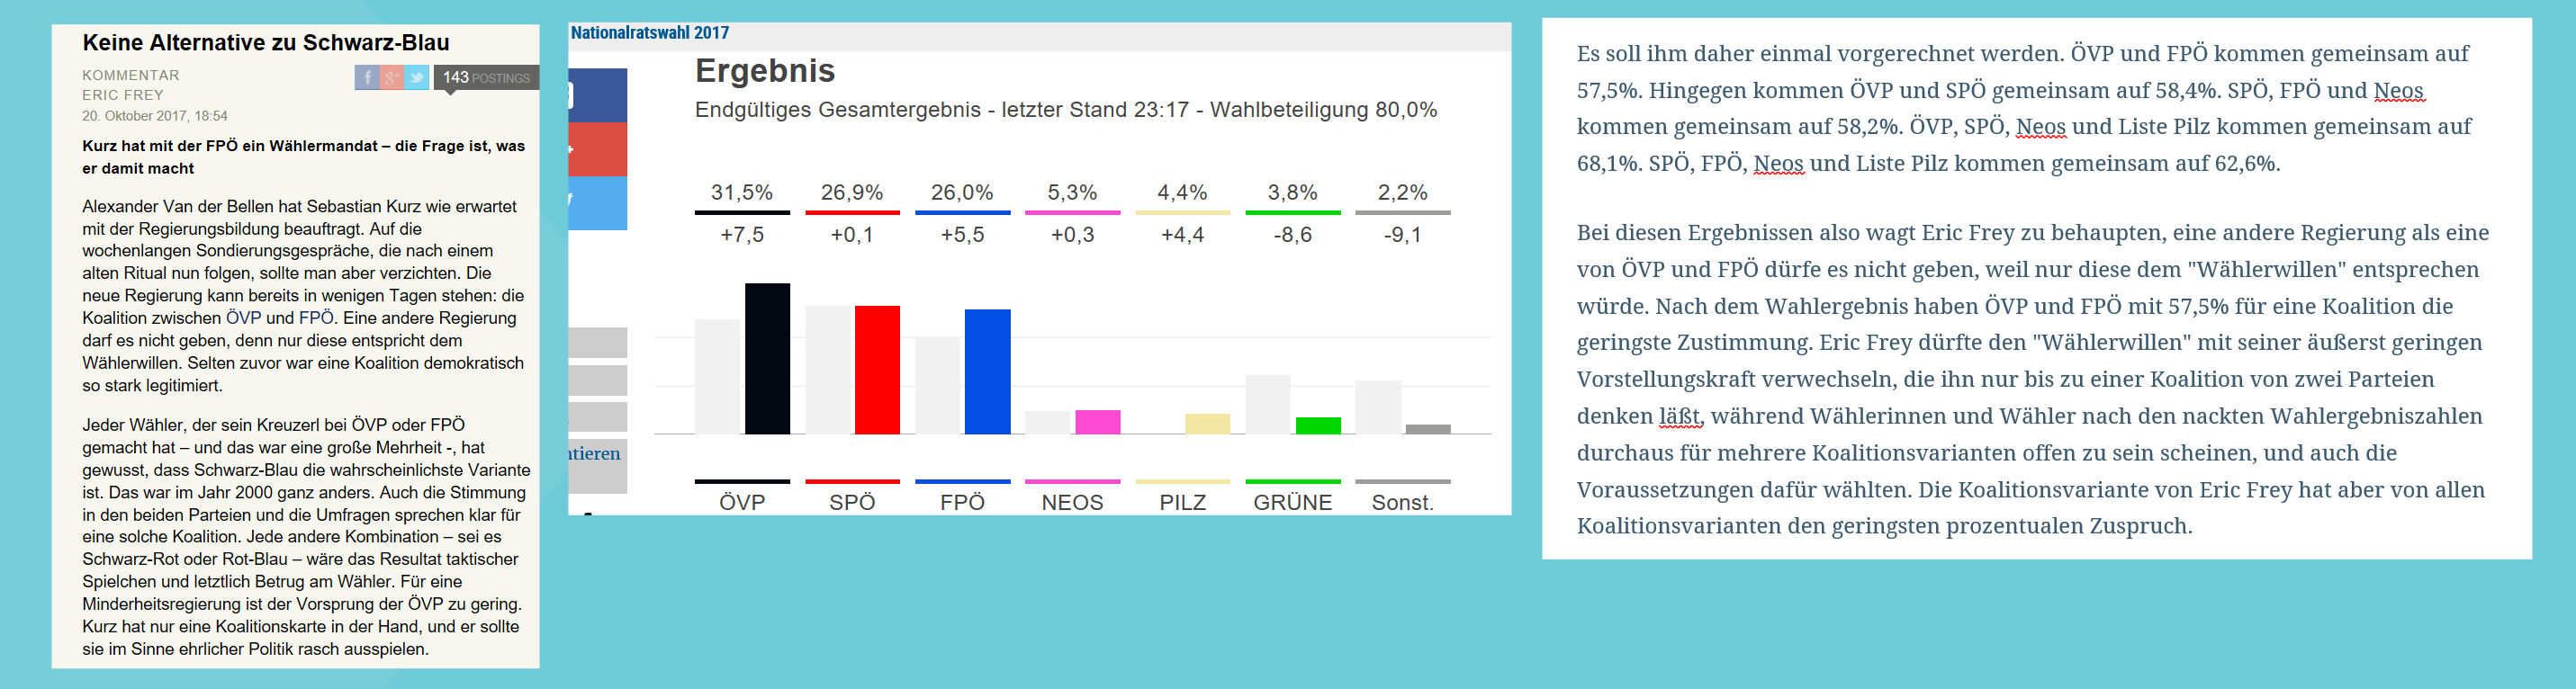 Nationalratswahl Österreich - Eric Frey kann nicht rechnen